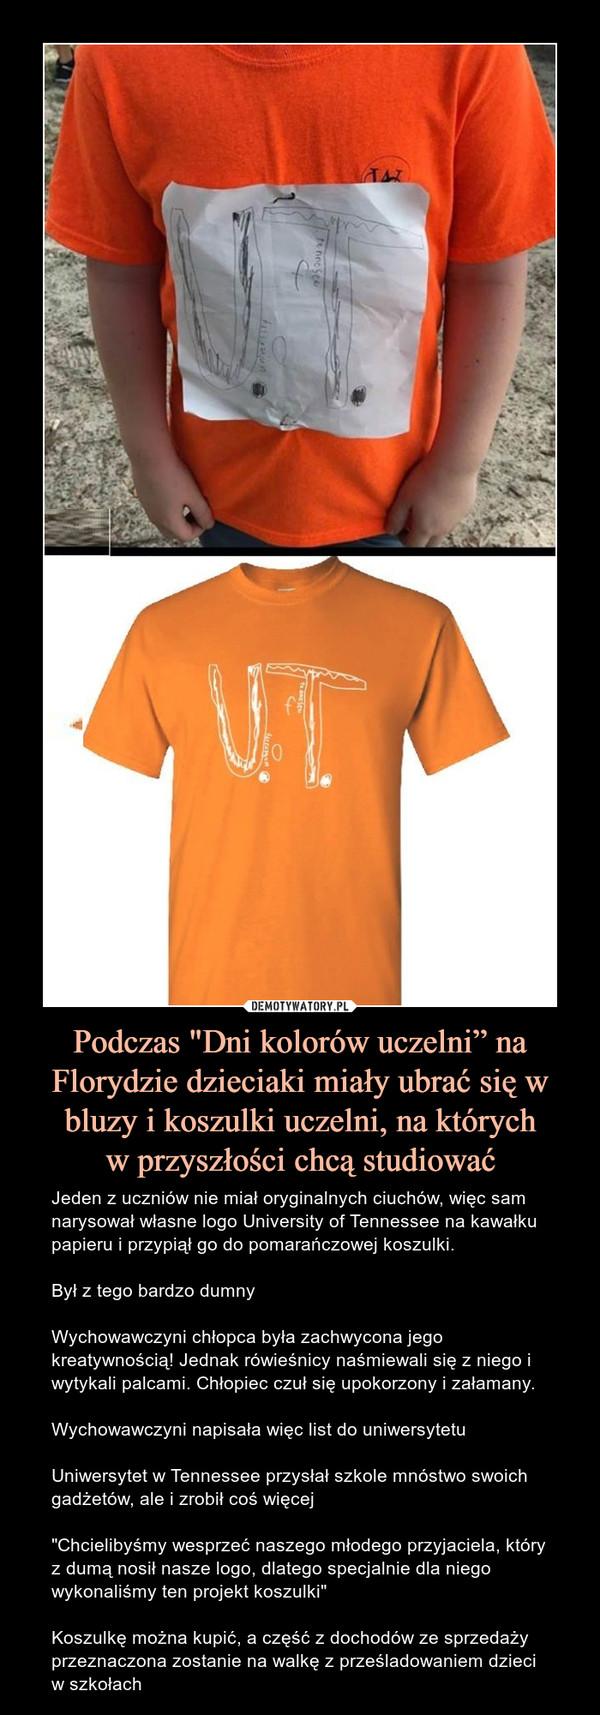 """Podczas """"Dni kolorów uczelni"""" na Florydzie dzieciaki miały ubrać się w bluzy i koszulki uczelni, na którychw przyszłości chcą studiować – Jeden z uczniów nie miał oryginalnych ciuchów, więc sam narysował własne logo University of Tennessee na kawałku papieru i przypiął go do pomarańczowej koszulki.Był z tego bardzo dumny Wychowawczyni chłopca była zachwycona jego kreatywnością! Jednak rówieśnicy naśmiewali się z niego i wytykali palcami. Chłopiec czuł się upokorzony i załamany.Wychowawczyni napisała więc list do uniwersytetuUniwersytet w Tennessee przysłał szkole mnóstwo swoich gadżetów, ale i zrobił coś więcej""""Chcielibyśmy wesprzeć naszego młodego przyjaciela, który z dumą nosił nasze logo, dlatego specjalnie dla niego wykonaliśmy ten projekt koszulki""""Koszulkę można kupić, a część z dochodów ze sprzedaży przeznaczona zostanie na walkę z prześladowaniem dzieci w szkołach"""